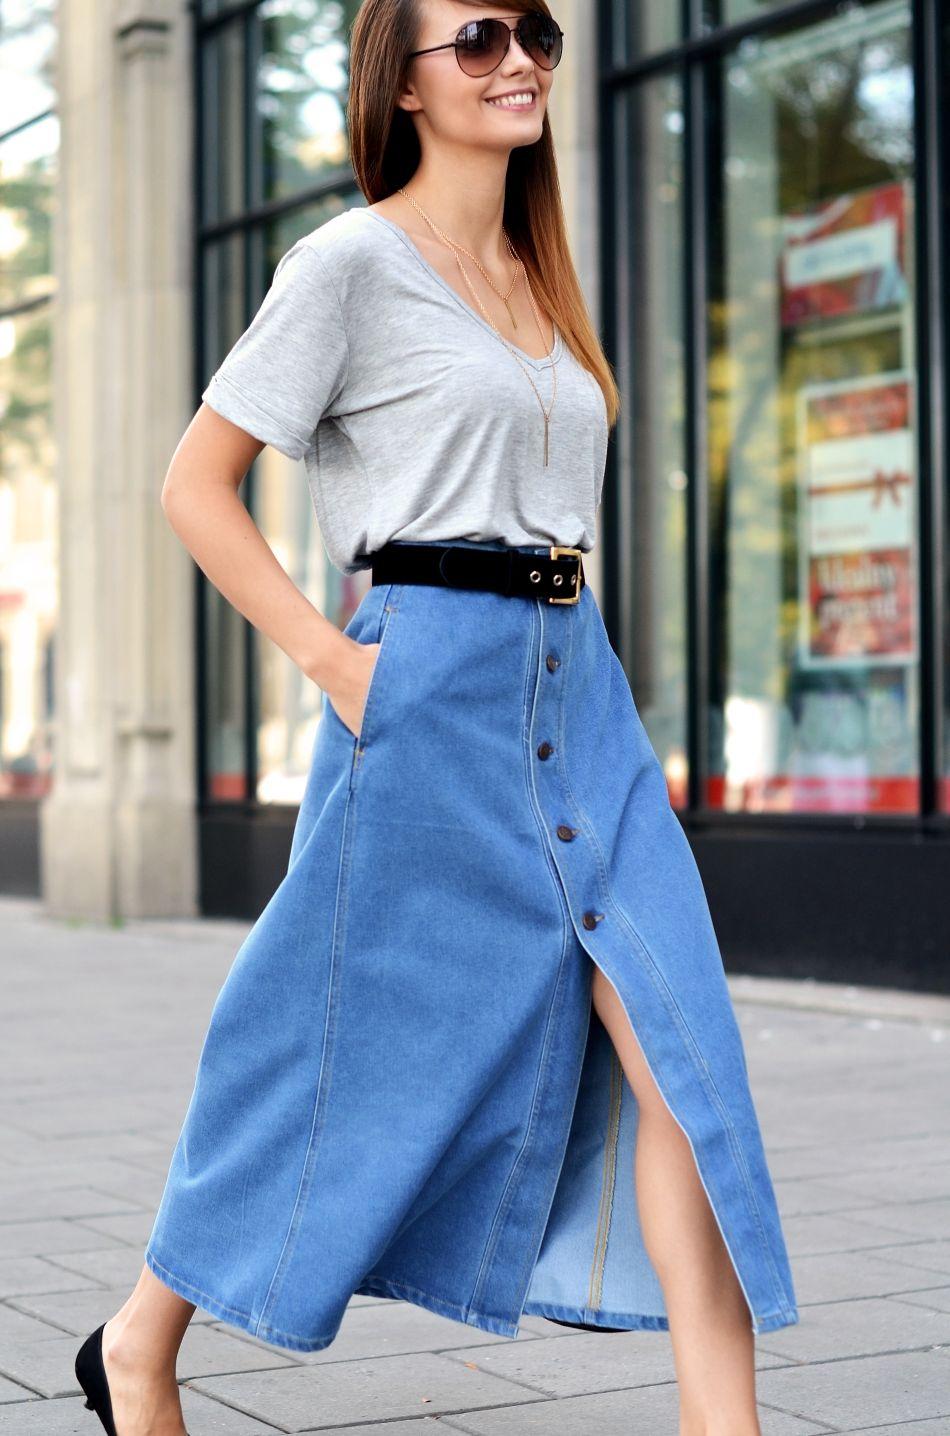 jeans | dluga spodnica | przyjemnosci za darmo | blogi o modzie | blog o modzie | blog modowy | blogerka modowa krakow